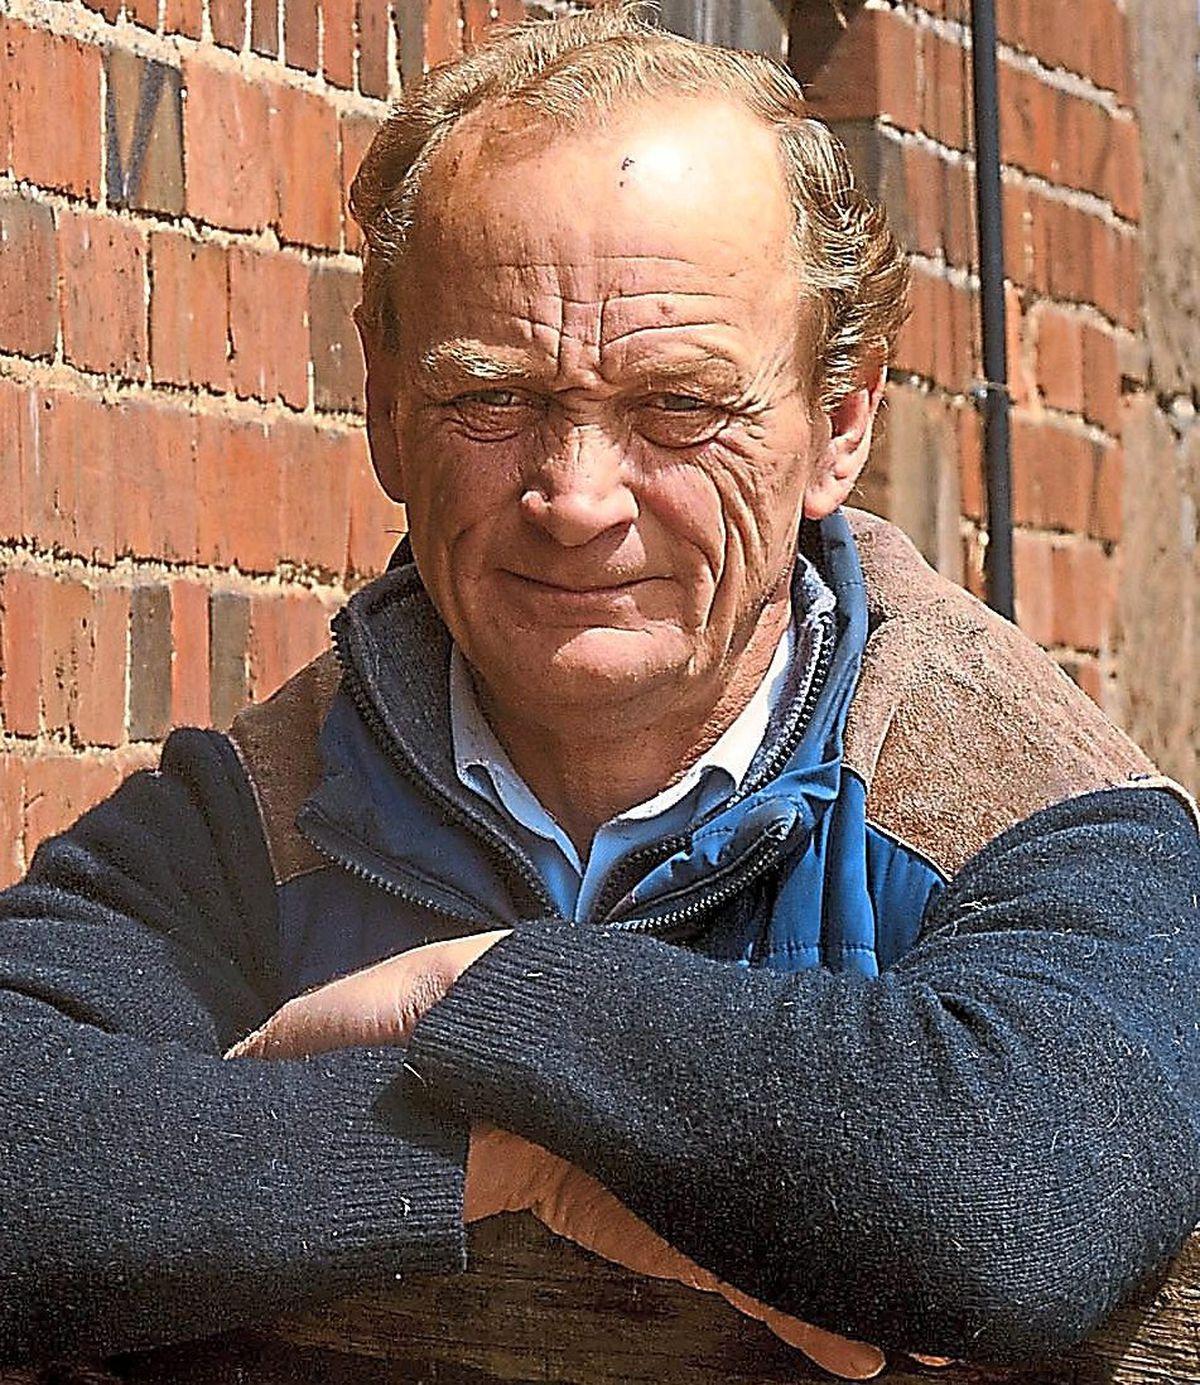 Mark Brisbourne